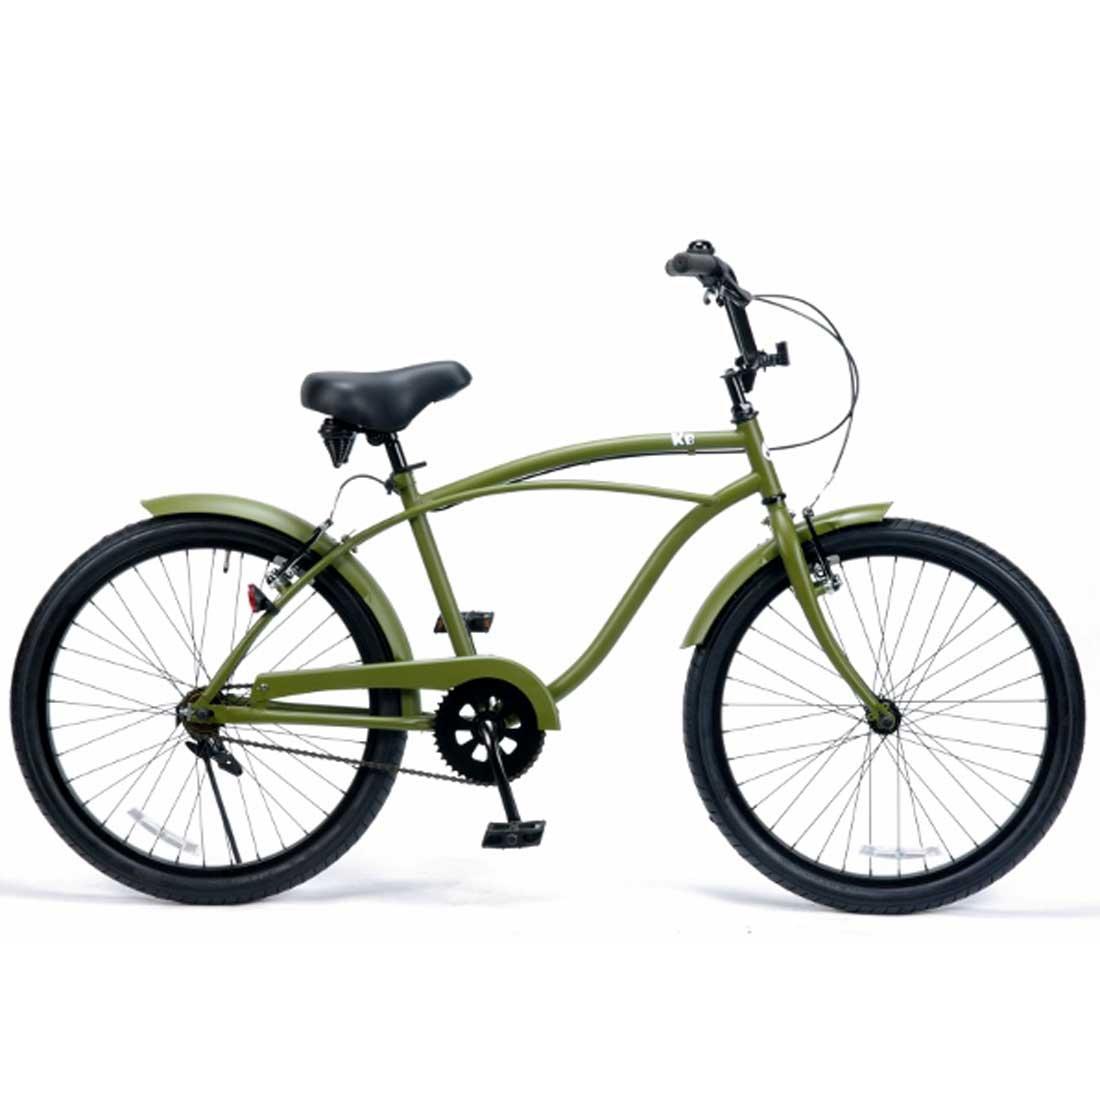 ビーチクルーザー 24インチ おしゃれ 自転車 通勤 通学 レインボービーチクルーザー 24KB-1SPEED マットカーキー メンズ レディース ジュニア